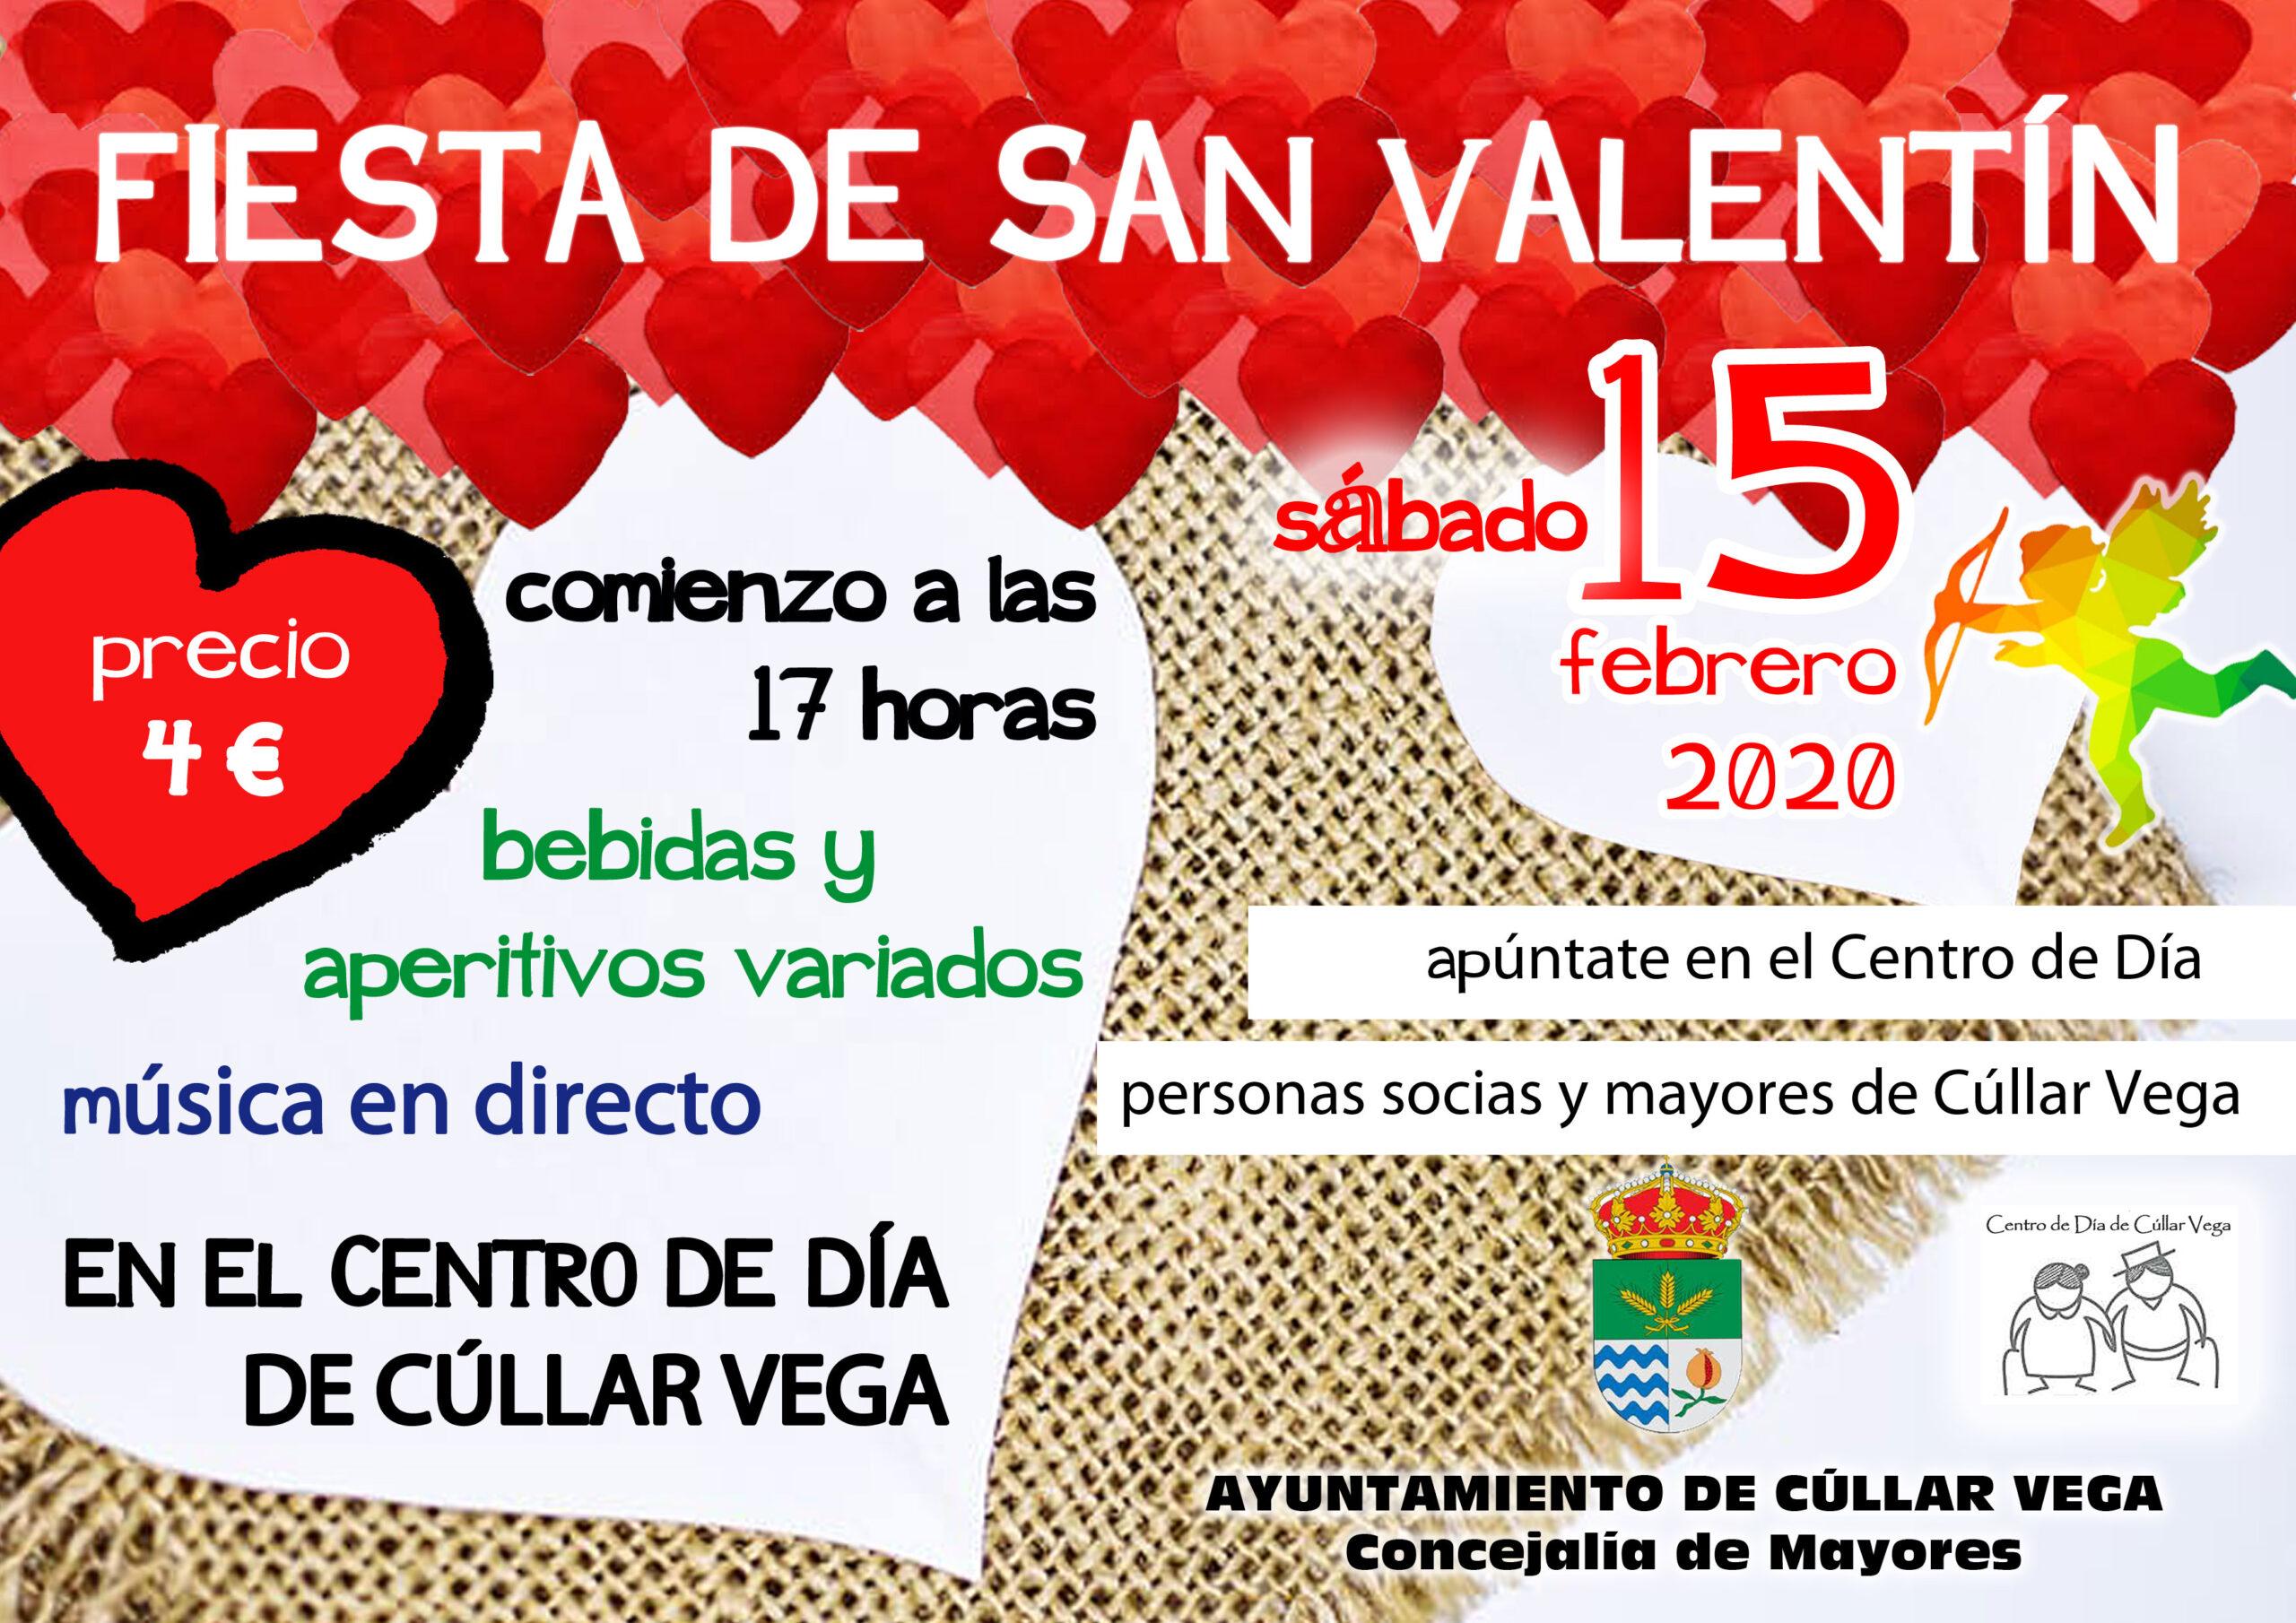 Los jubilados de Cúllar Vega celebran San Valentín con un torneo de petanca y un 'guateque romántico'